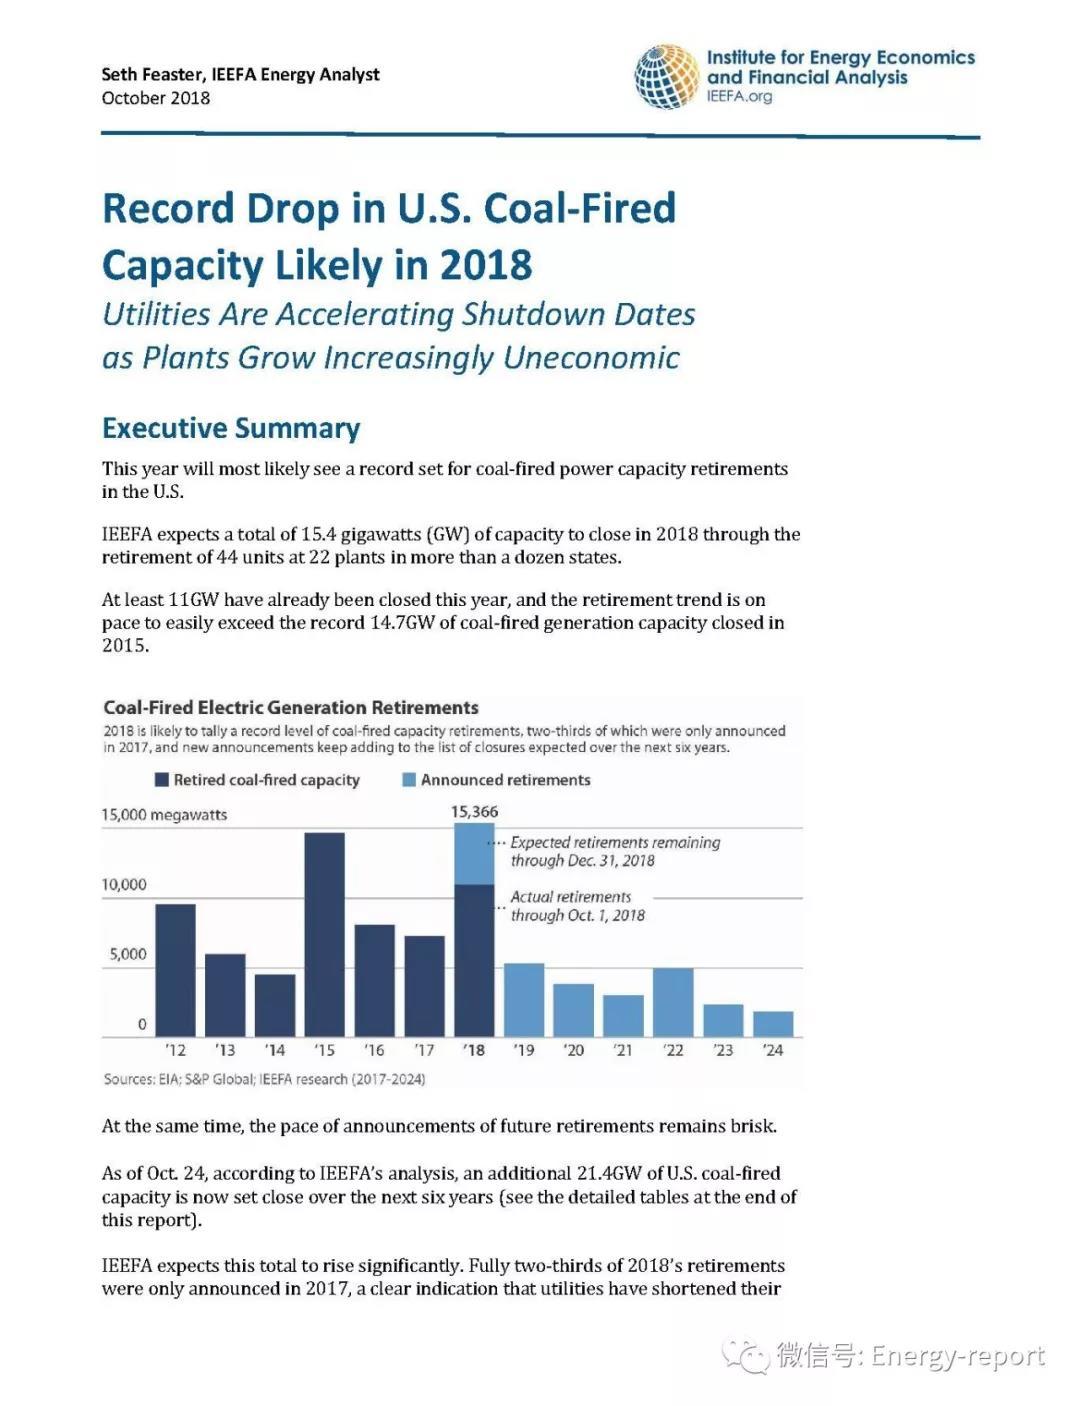 IEEFA发布《2018年美国燃煤电厂可能出现装机容量